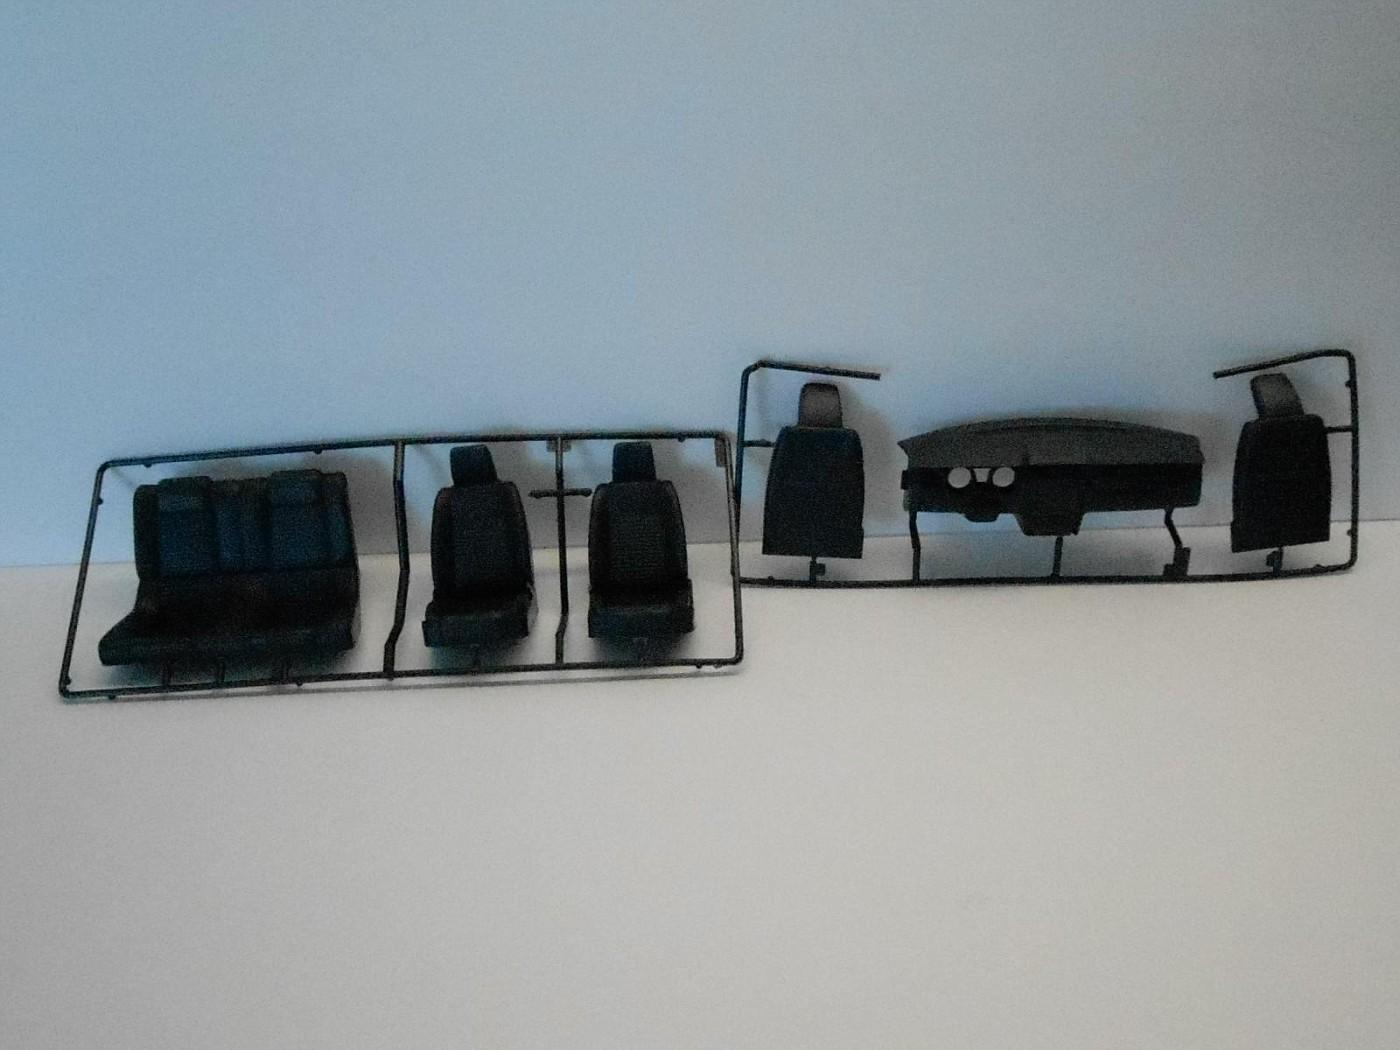 2010 SHELBY GT-500 REVELL 1:12 DSCN0116-vi